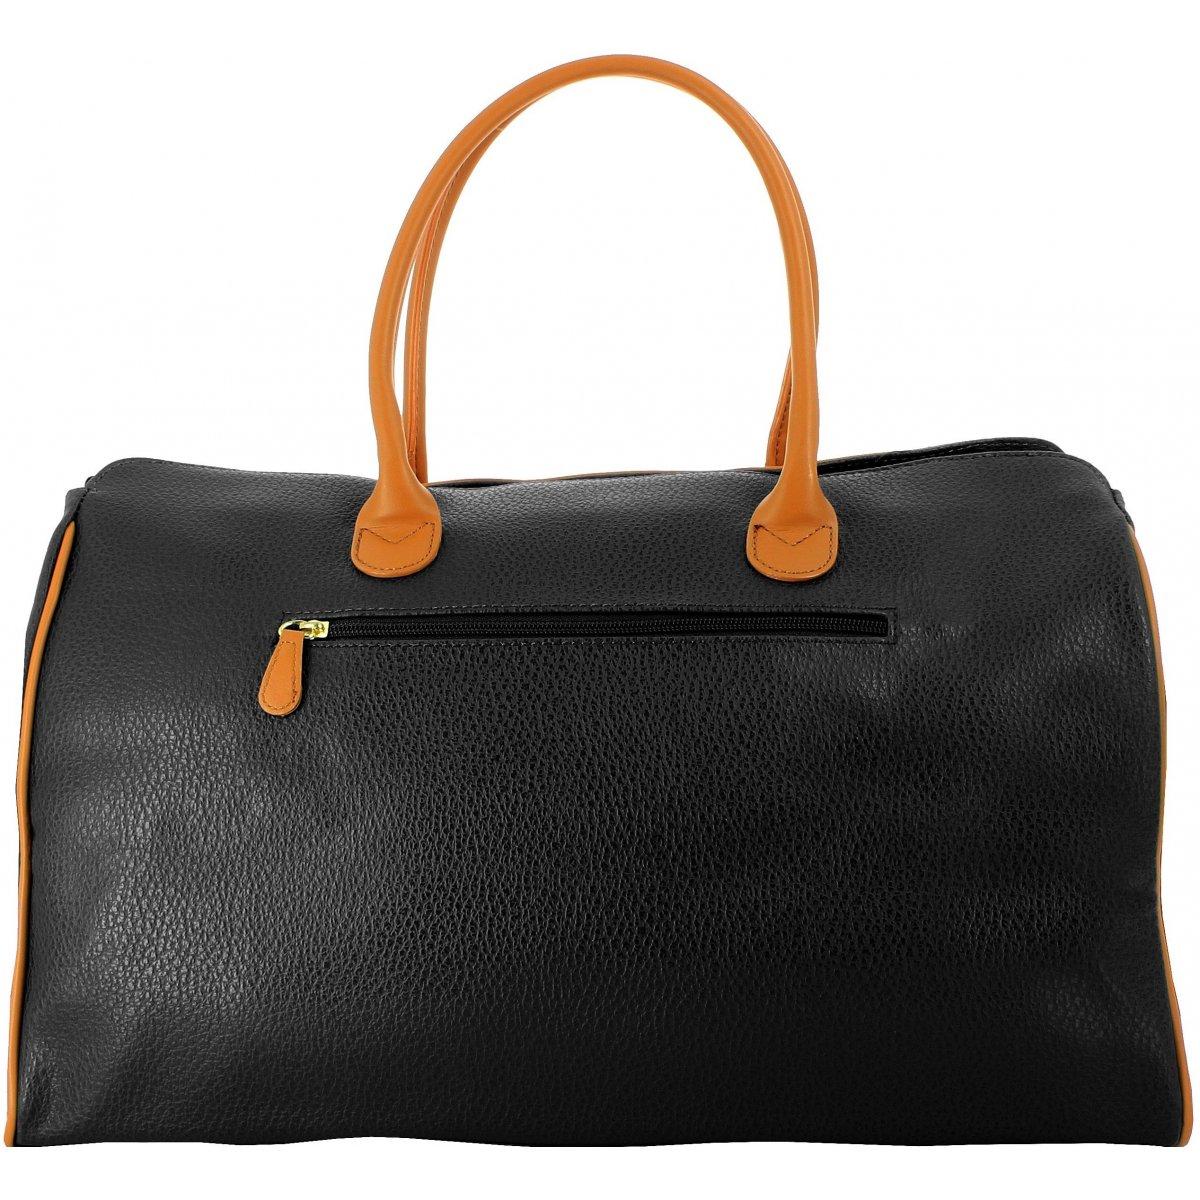 sac de voyage 48h david jones 77775c couleur noir. Black Bedroom Furniture Sets. Home Design Ideas